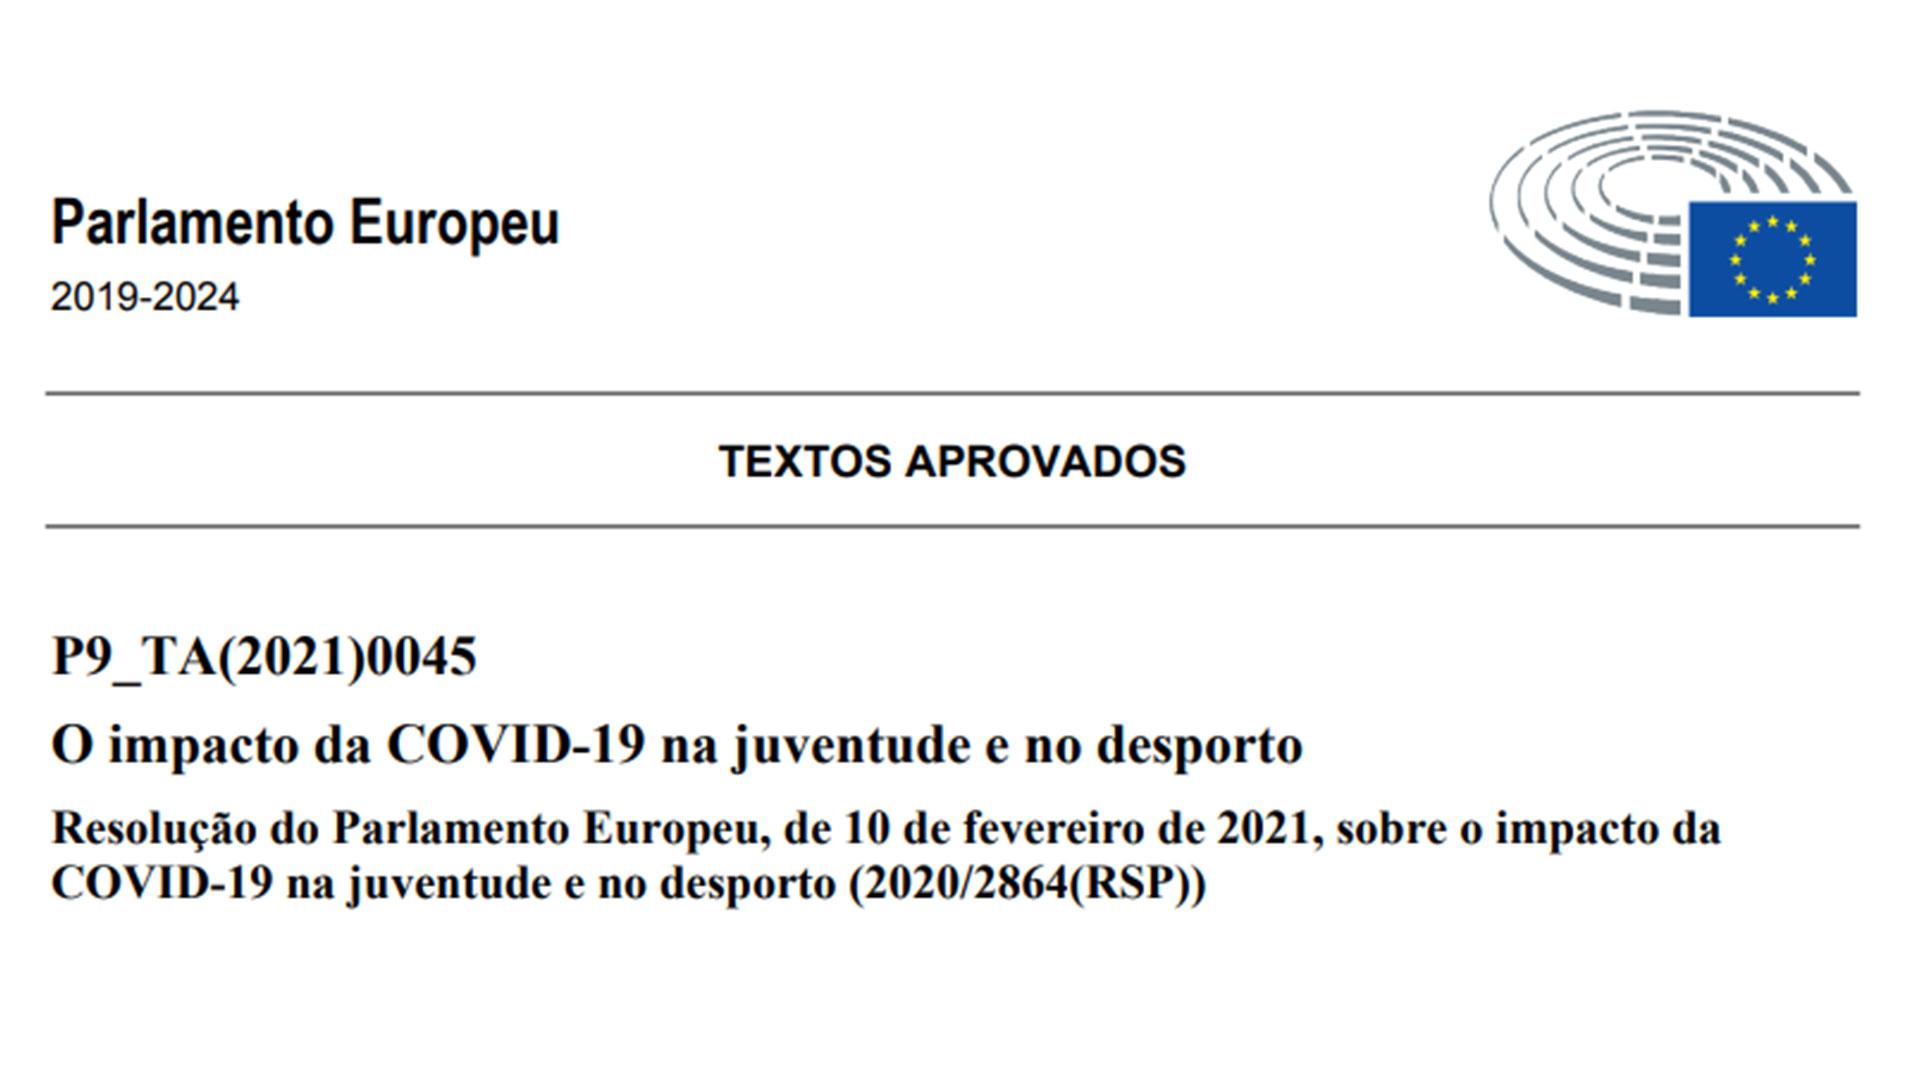 Resolução do Parlamento Europeu sobre o impacto da COVID‑19 no desporto